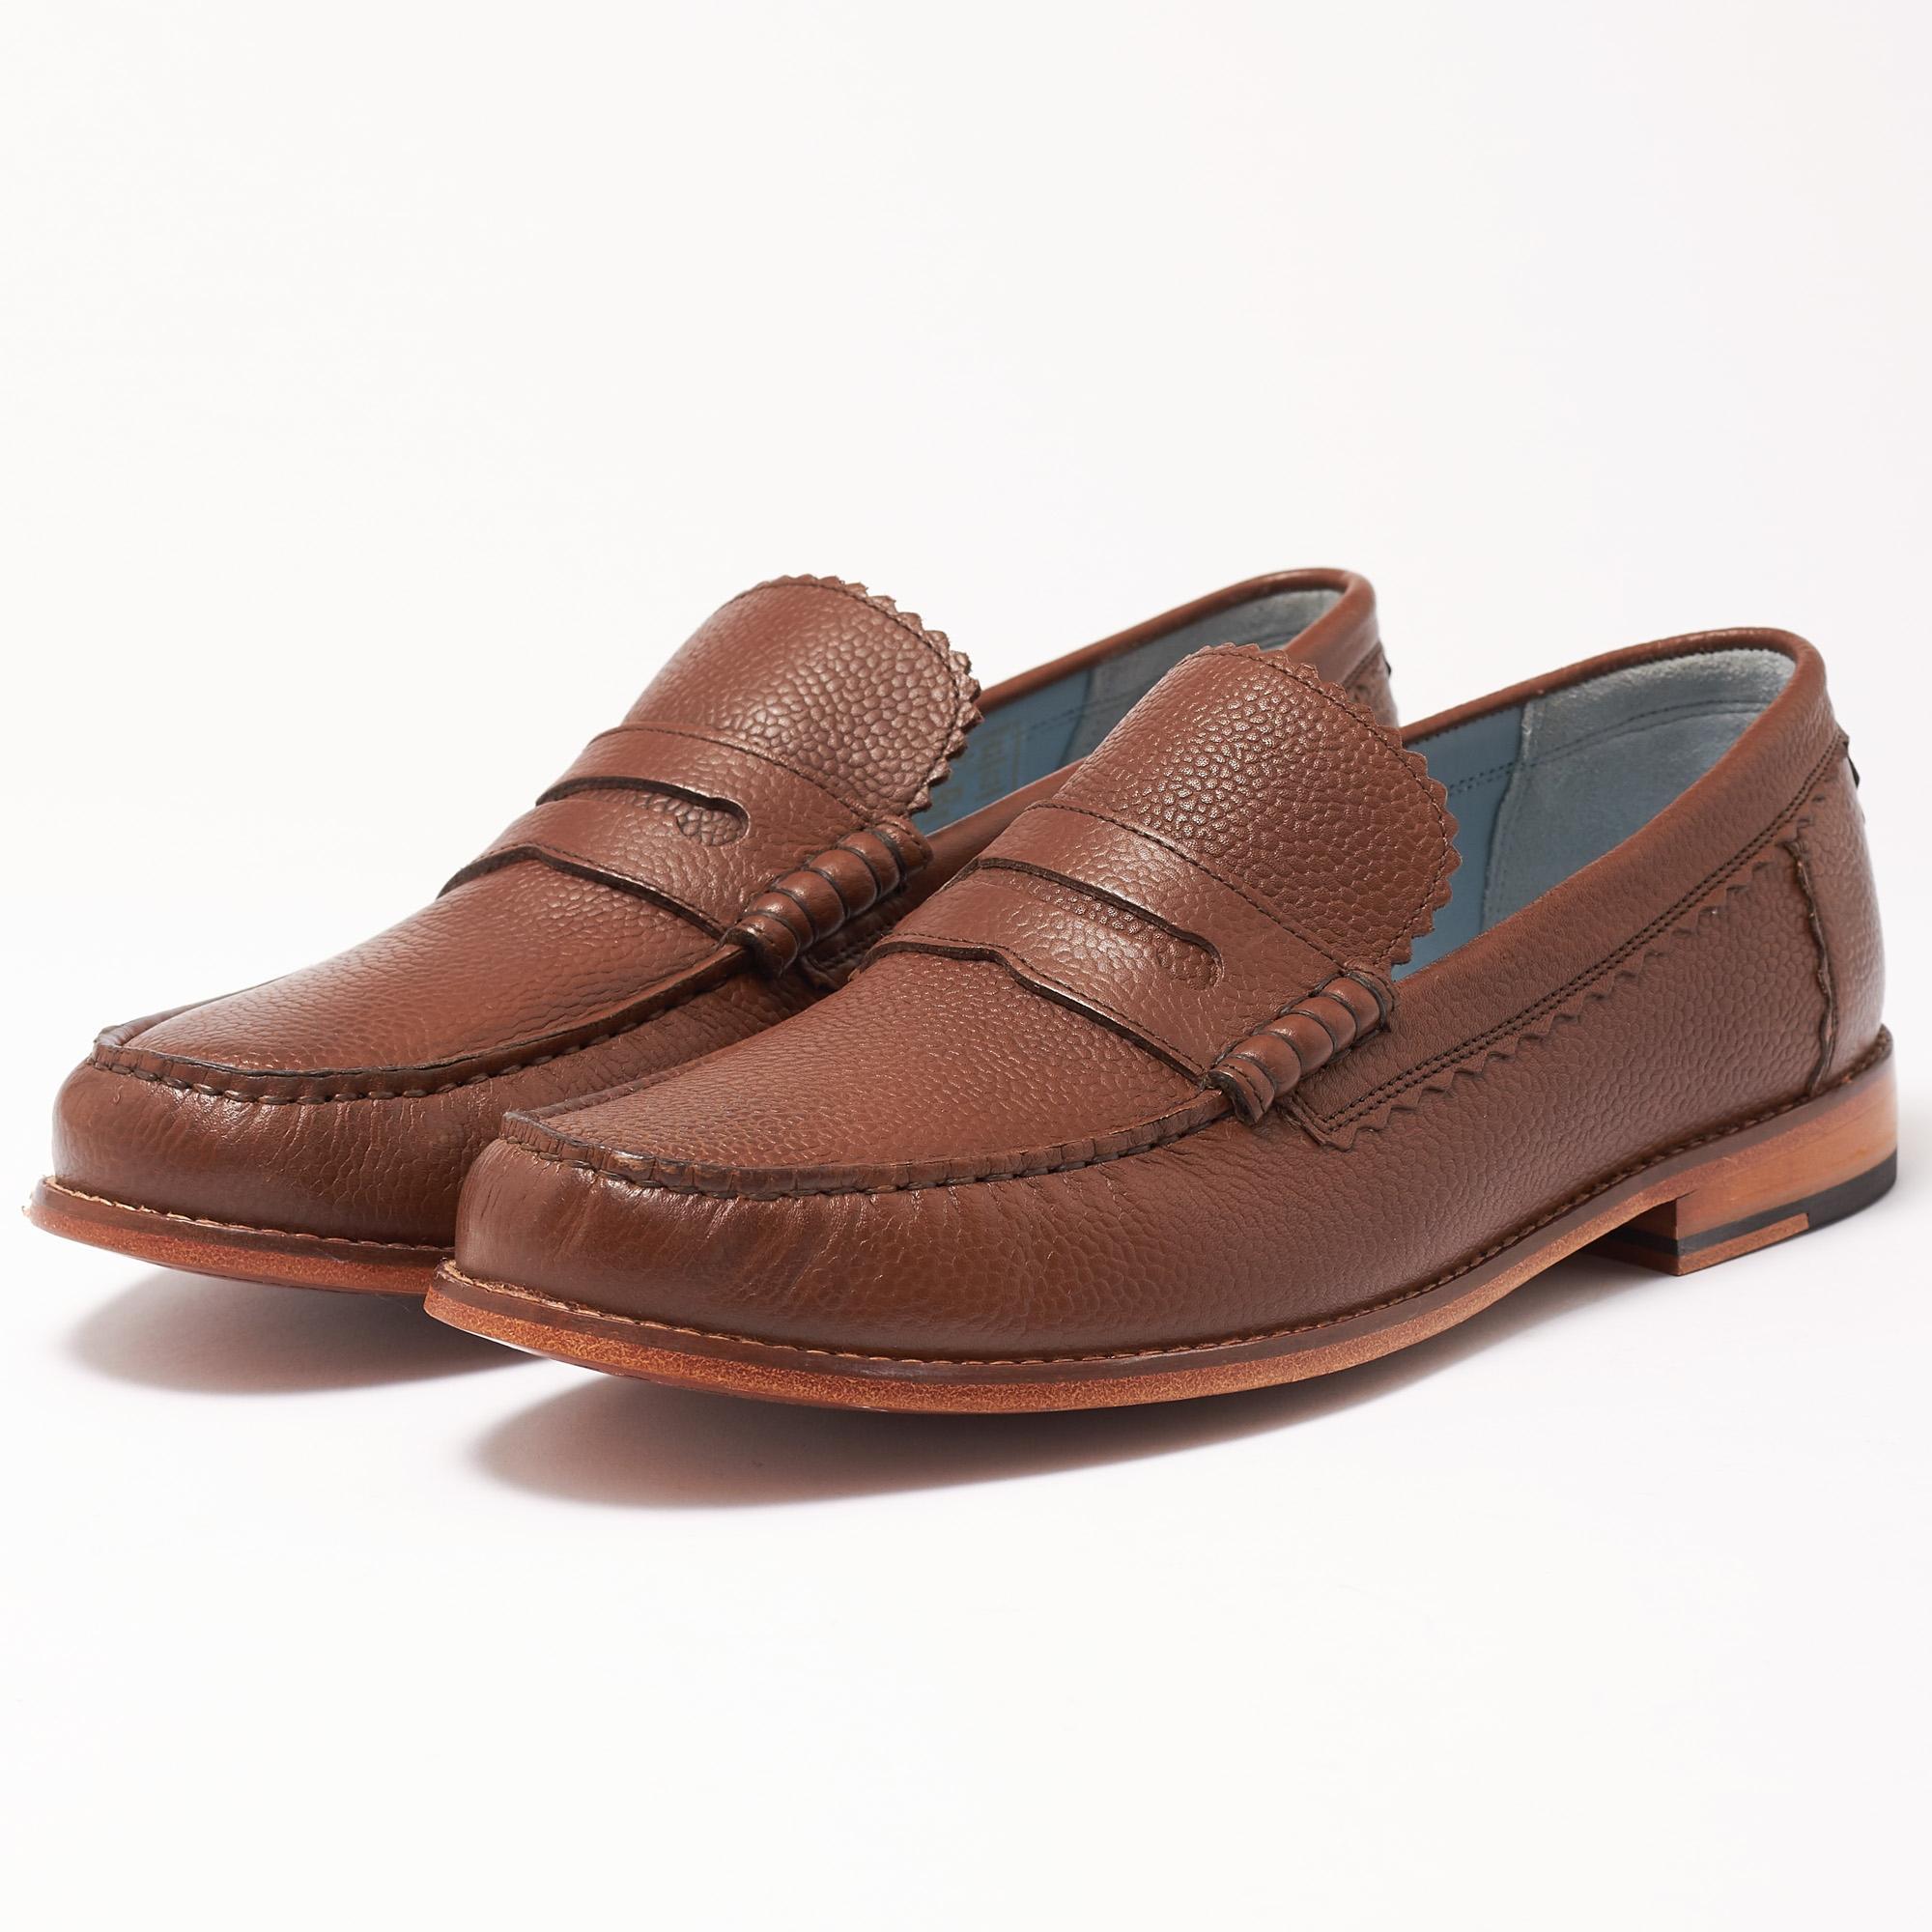 d87b9c944af Lyst - Grenson Ashley Dark Brown Loafer Shoe in Brown for Men